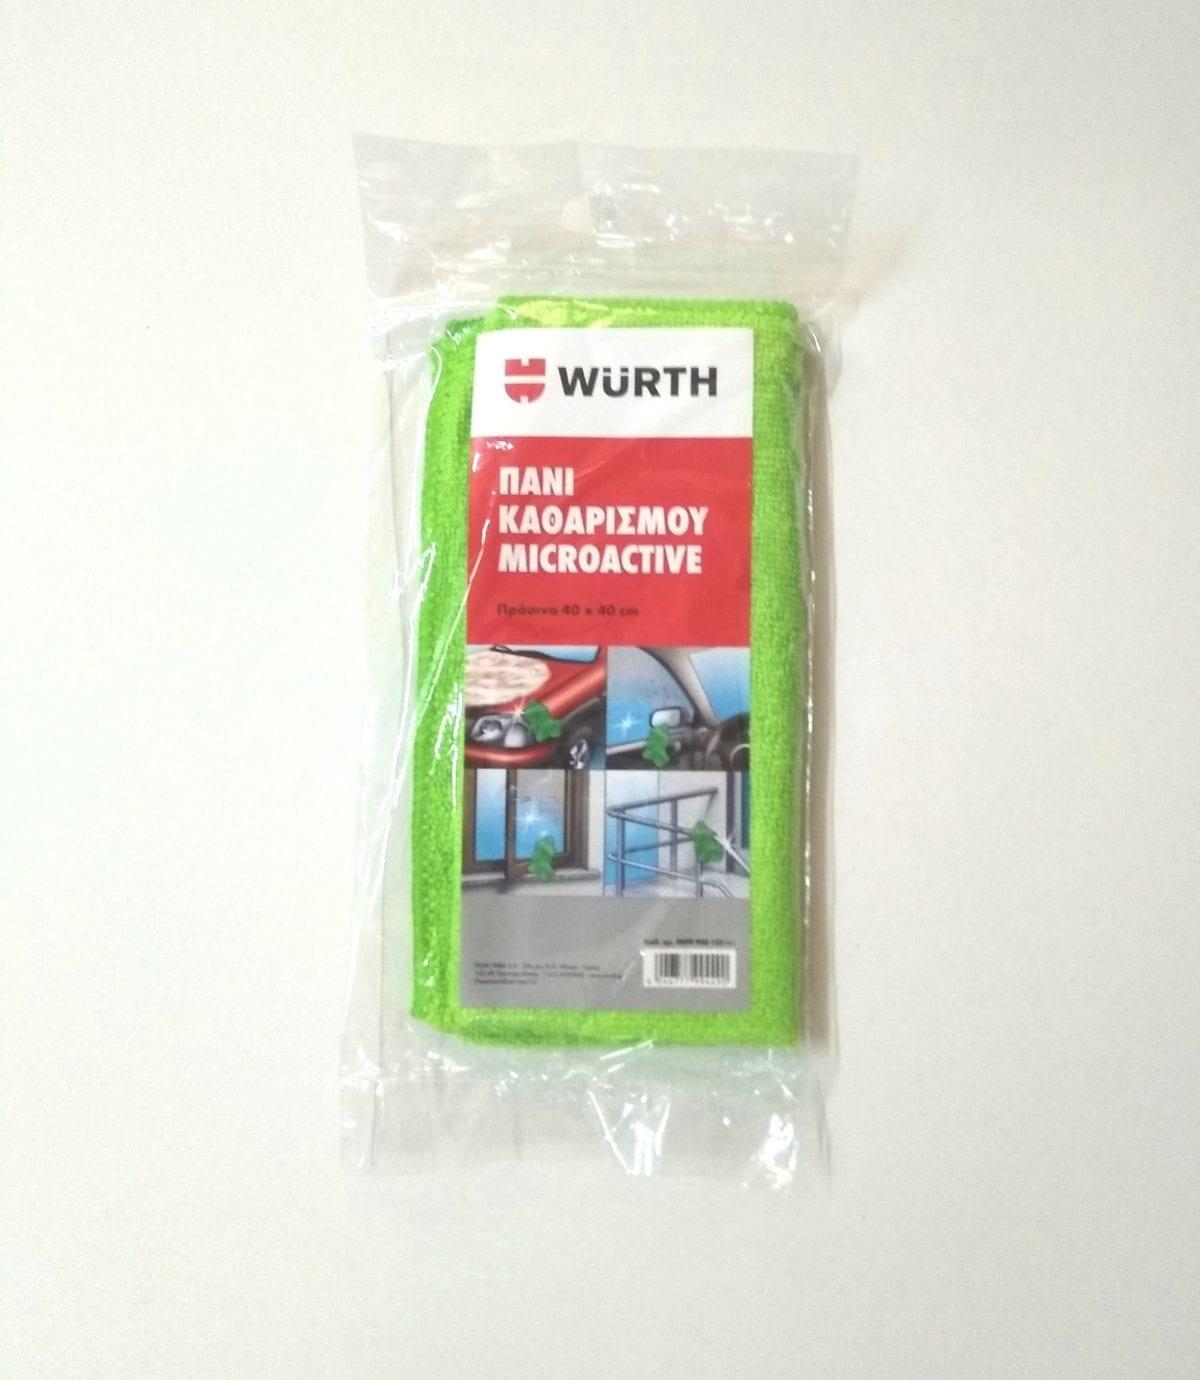 Πανί καθαρισμού πράσινο microactive wurth